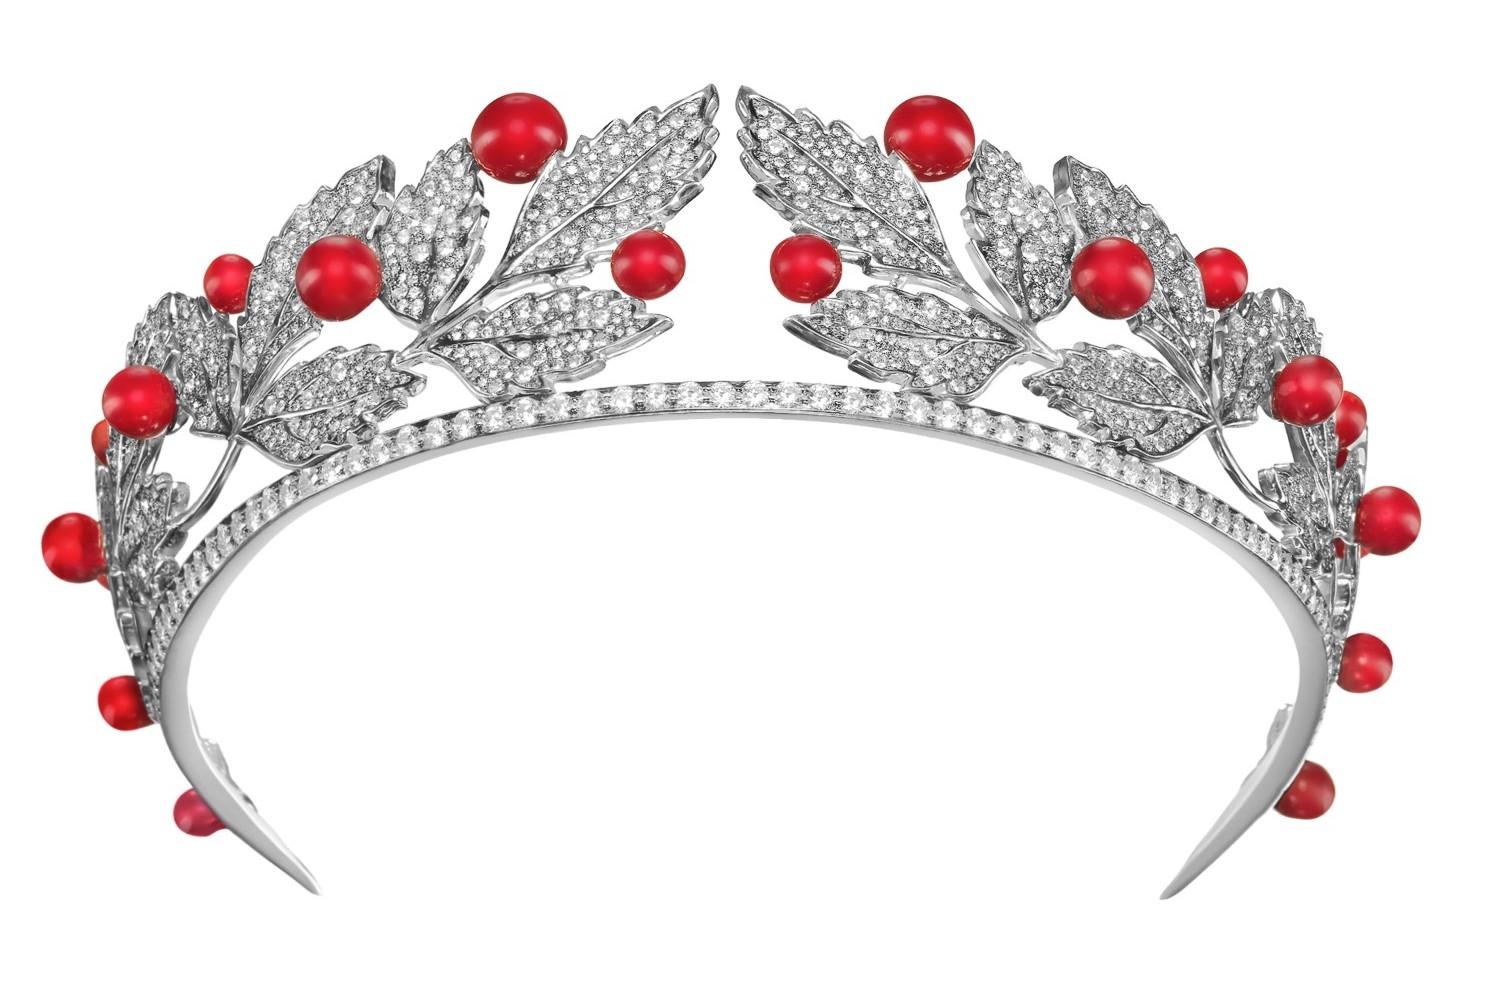 tiara-ashberry-axenoff